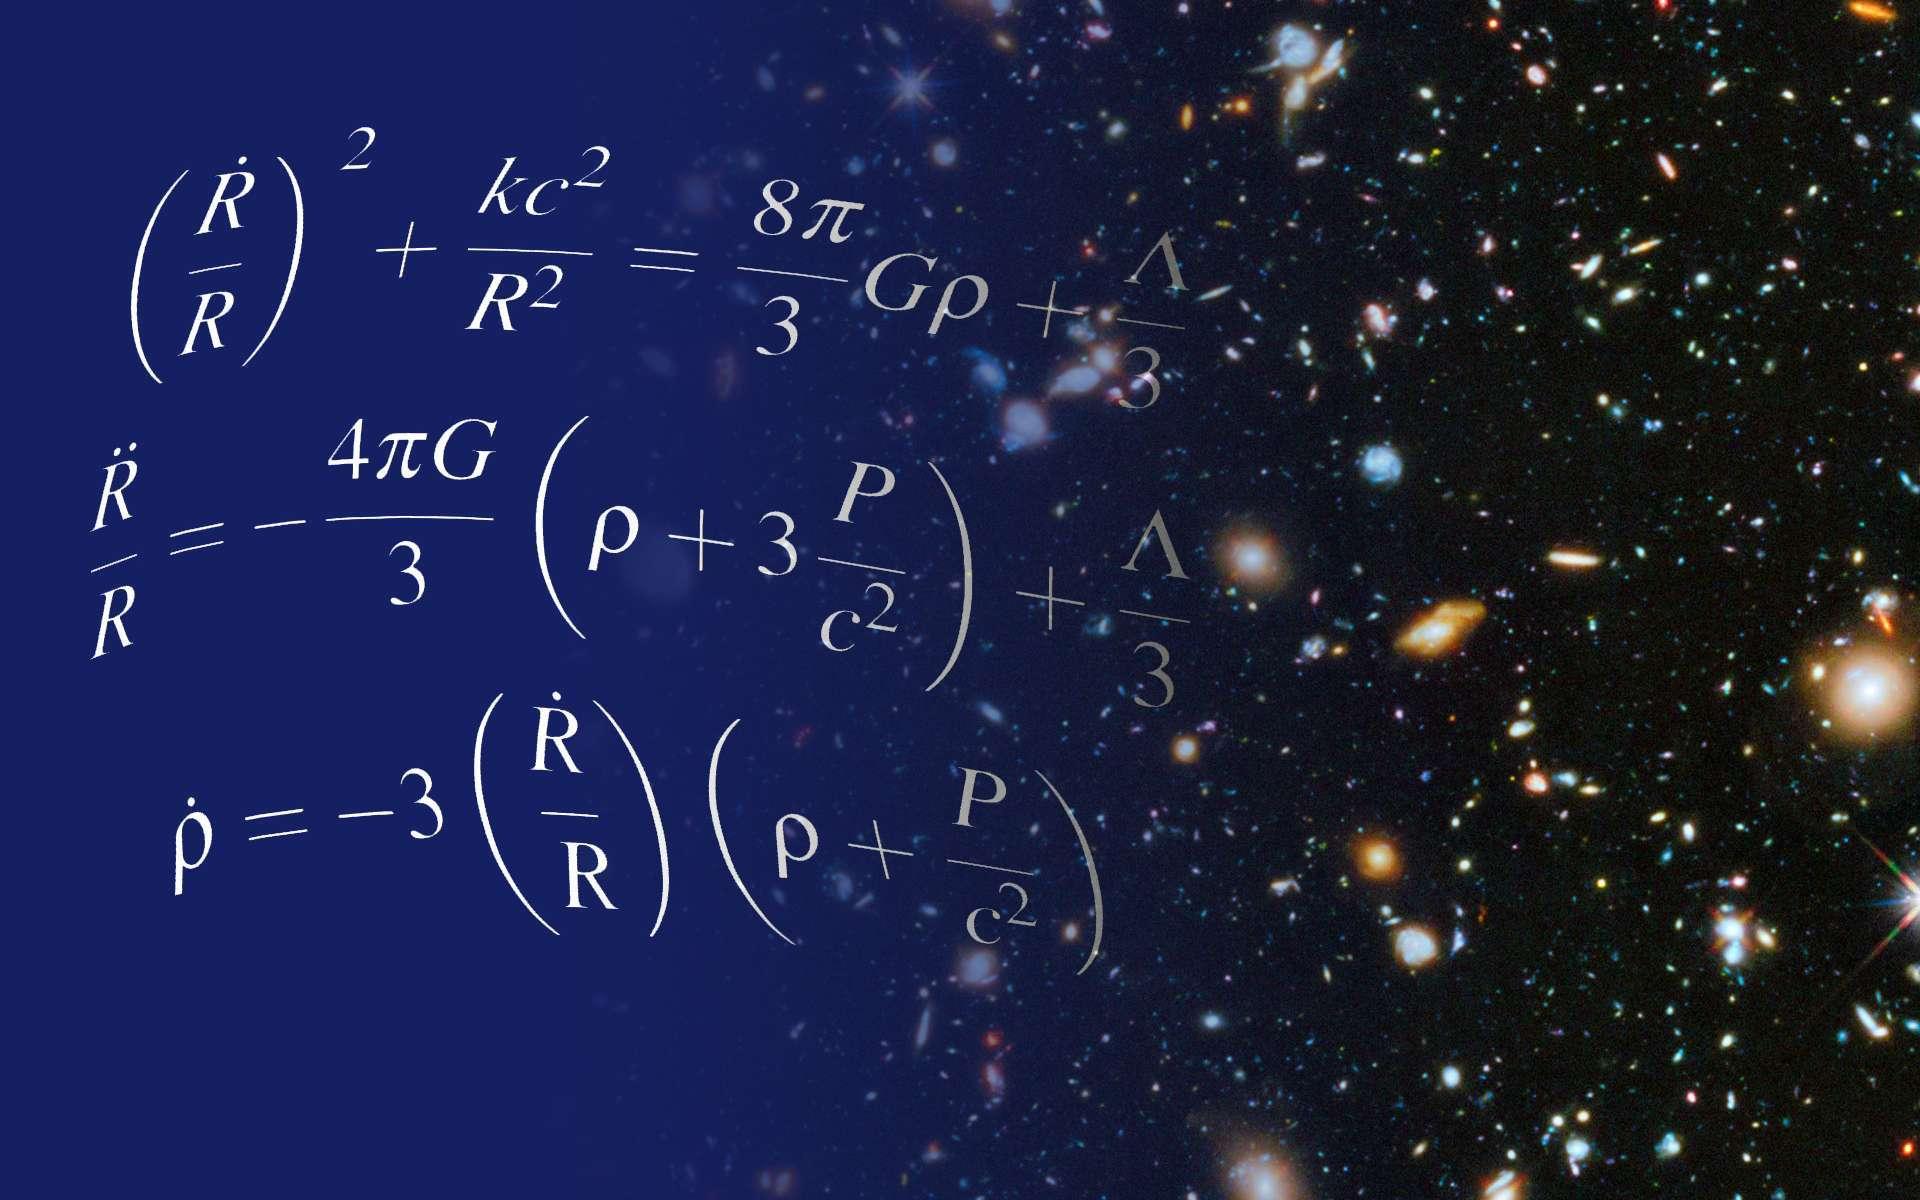 Les équations d'Einstein pour la cosmologie du modèle standard contiennent un terme décrivant une énergie particulière dans l'univers. L'étude des galaxies a montré que ce terme existait bien, il s'agit de l'énergie noire, qui accélère l'expansion du cosmos depuis quelques milliards d'années. © Shane L. Larson